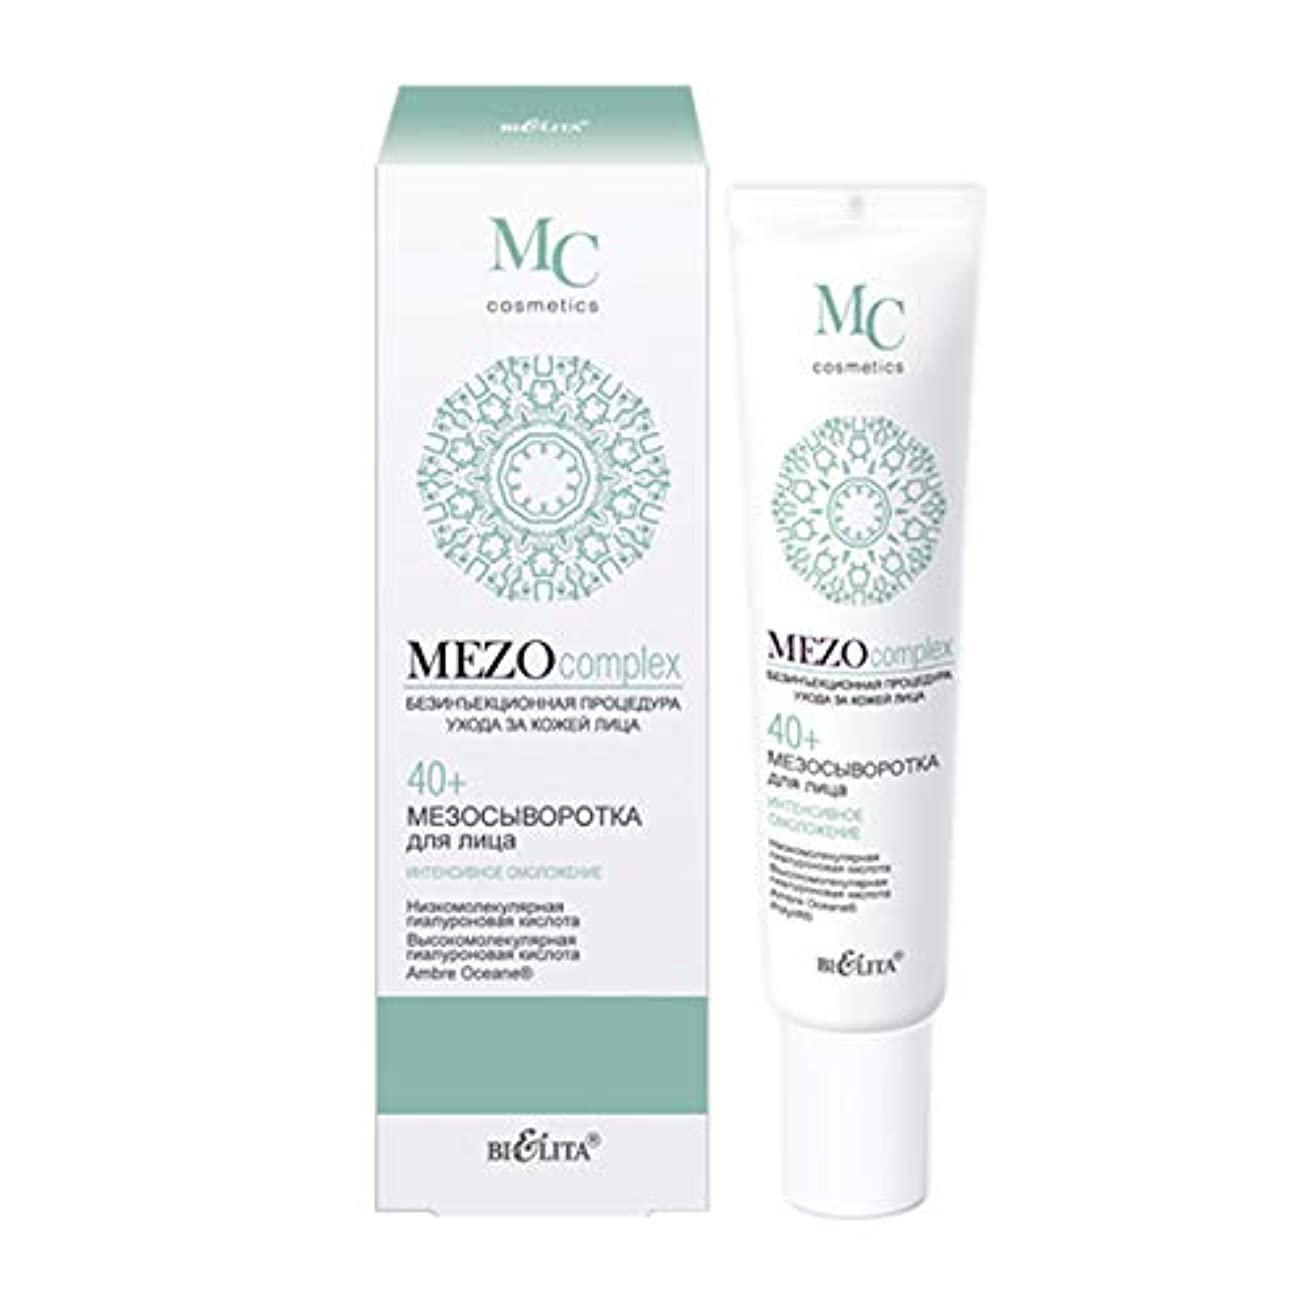 盆地作物法的Mezo complex Serum Intensive Rejuvenation 40+ | Non-injection facial skin care procedure | Ambre Oceane | Polylift...